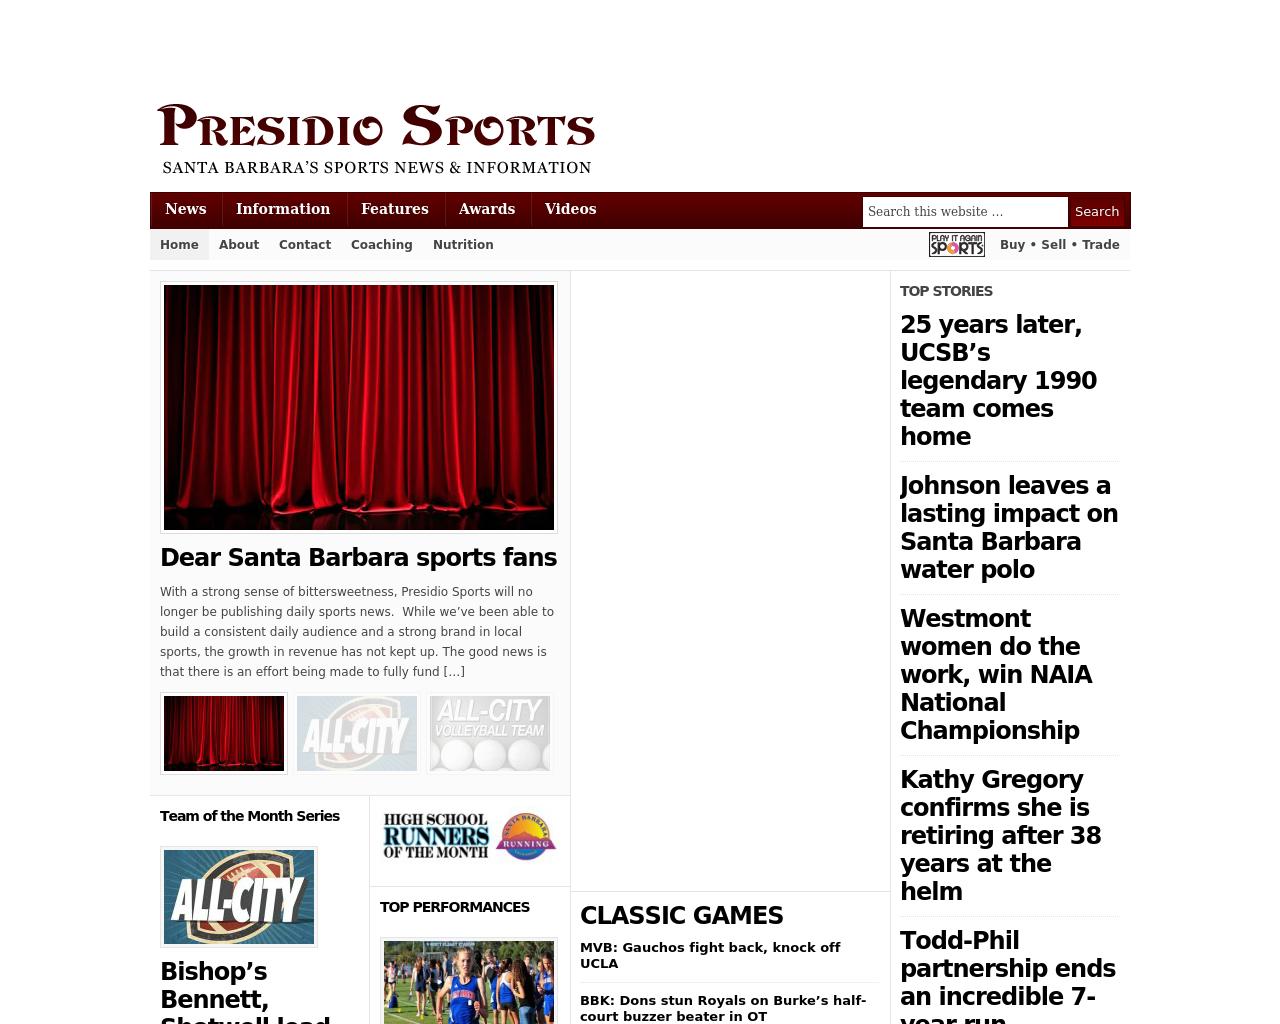 PRESIDIO-SPORTS-Advertising-Reviews-Pricing